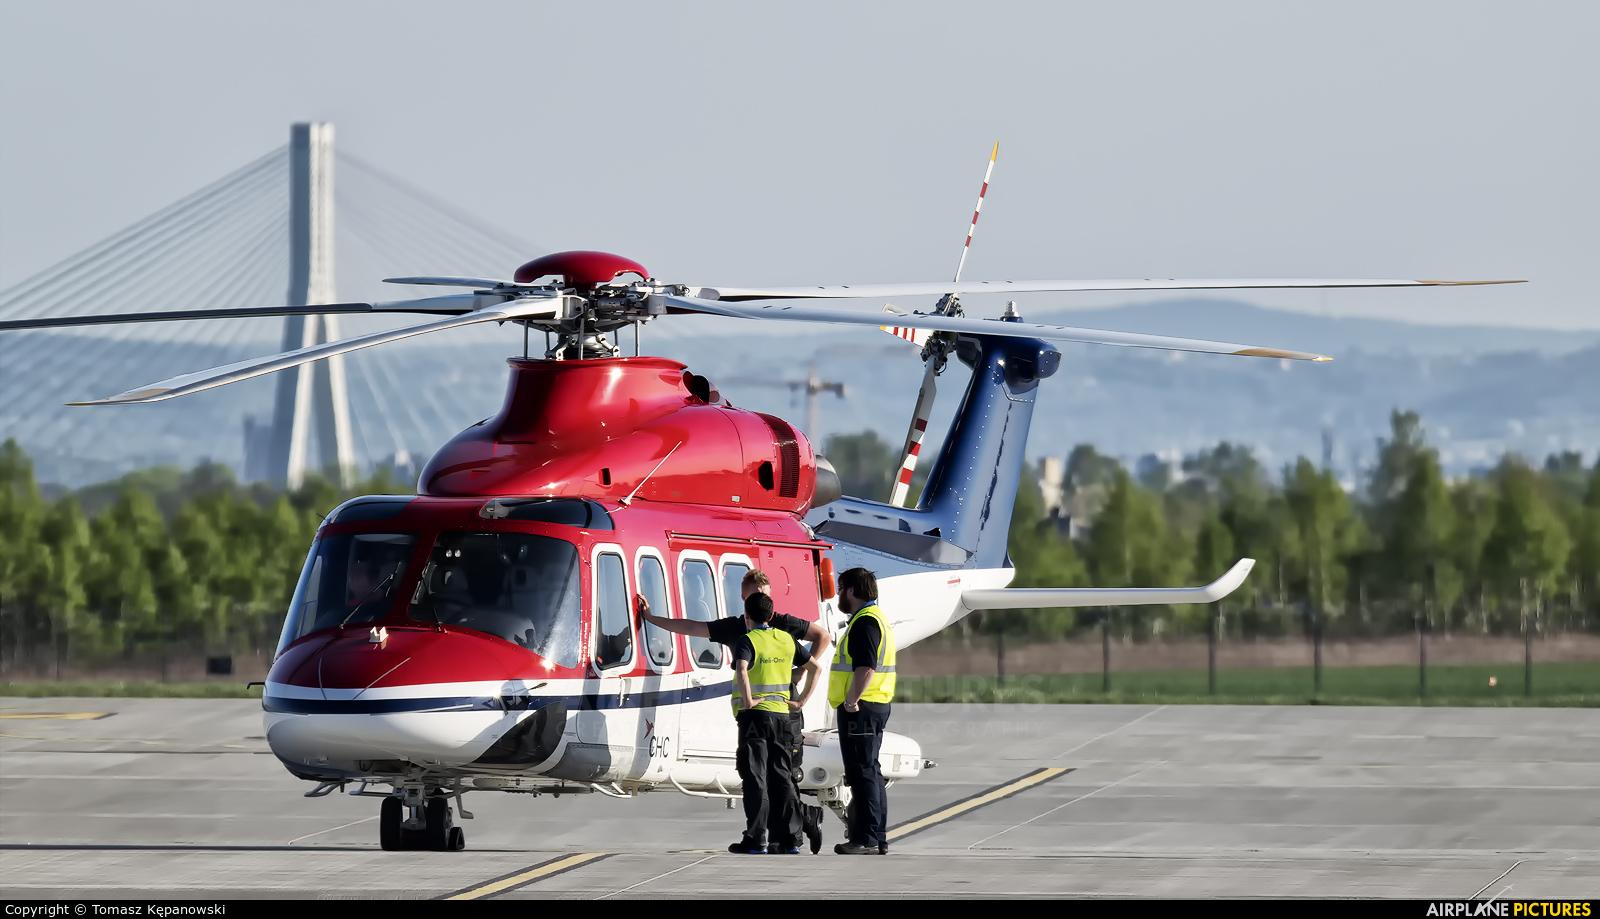 Canadian Helicopters C-FNFZ aircraft at Rzeszów-Jasionka